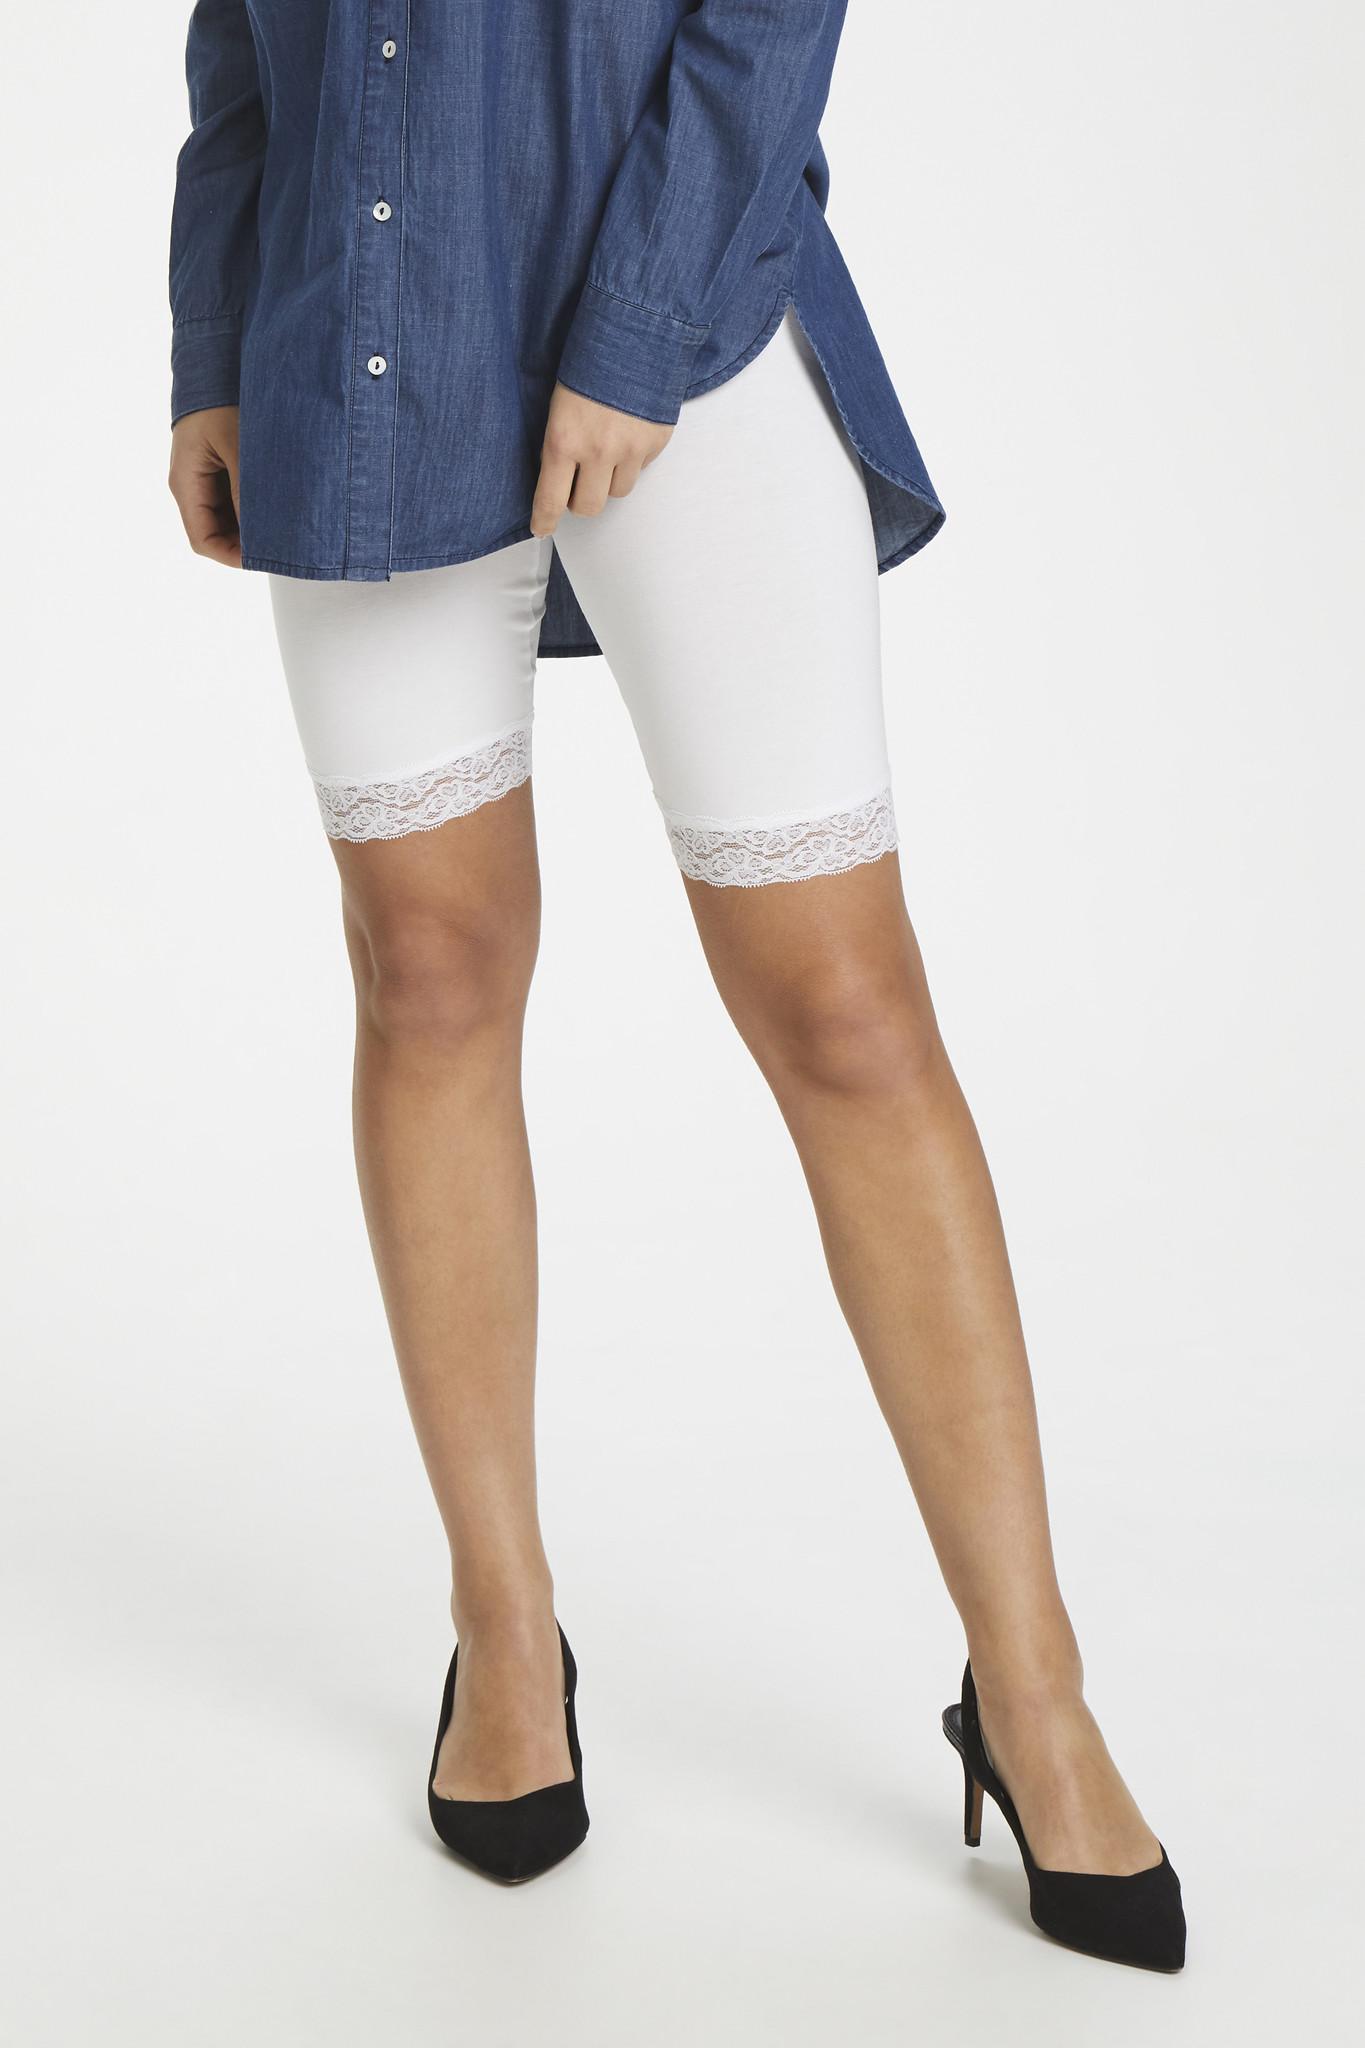 Broek KAsvala Jersey Shorts Optical white-7